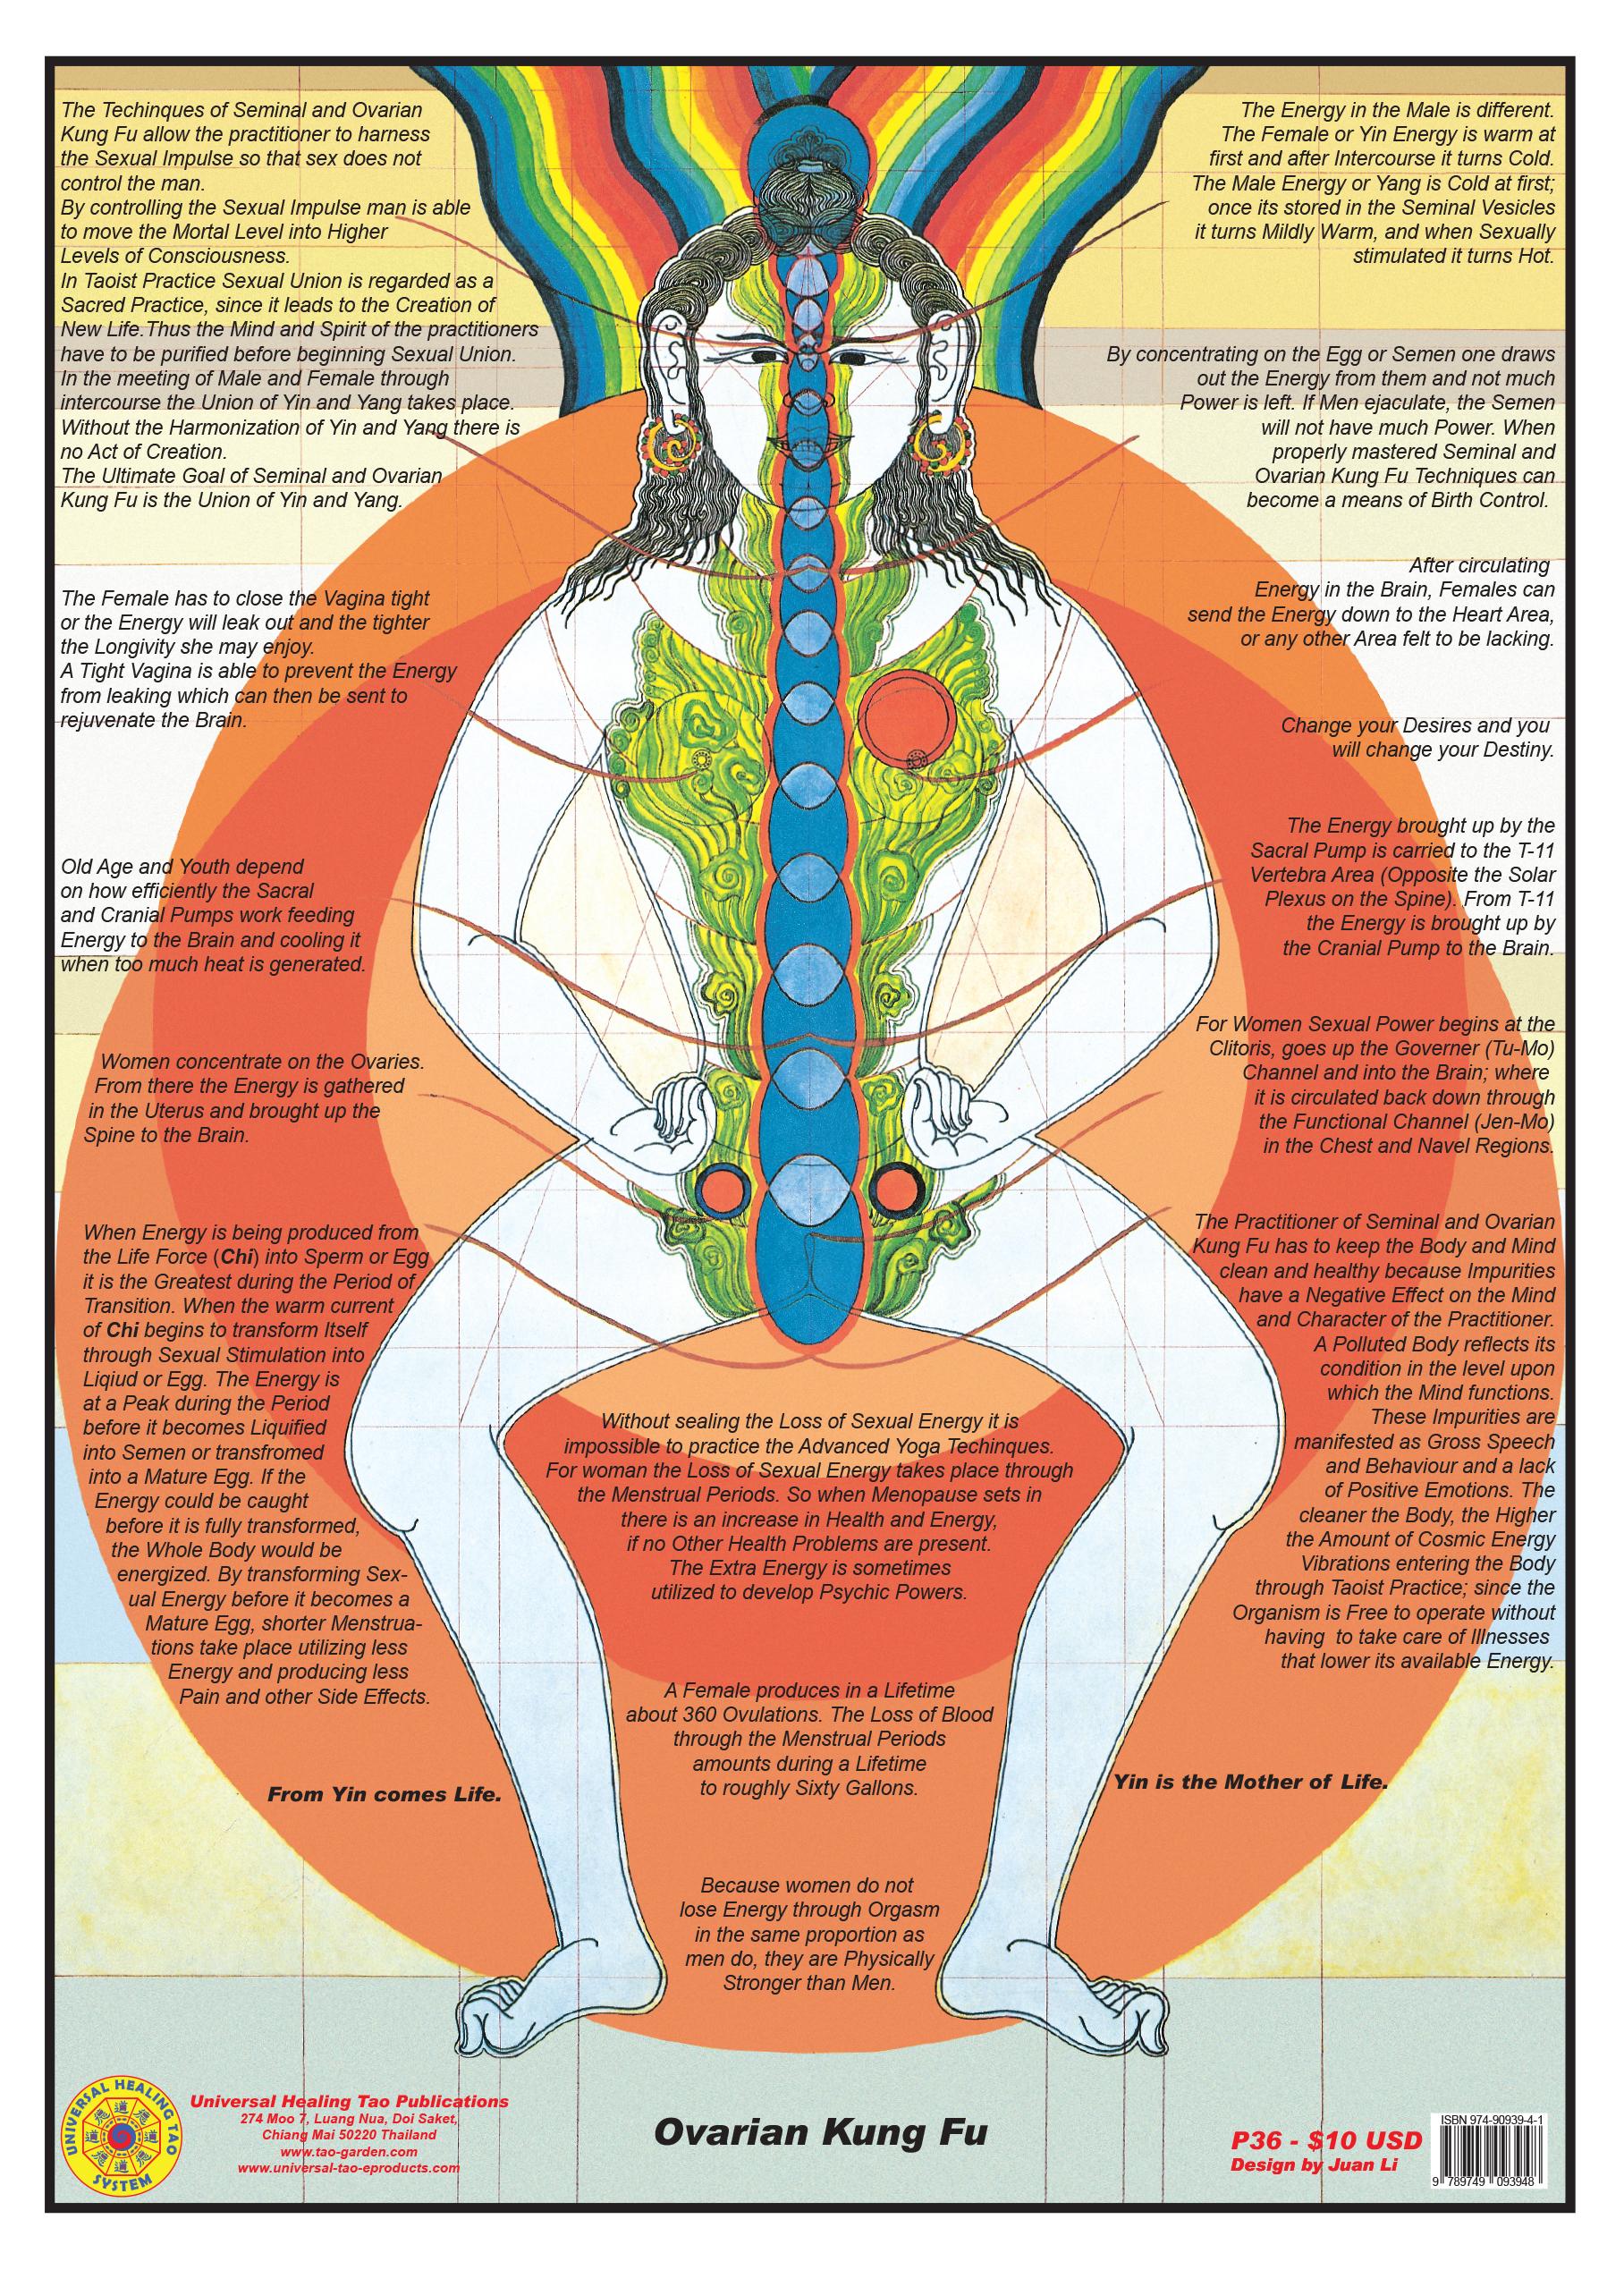 Juan Li\'s Healing Love: Ovarian Kung Fu (E-Poster) [DL-P36 ...